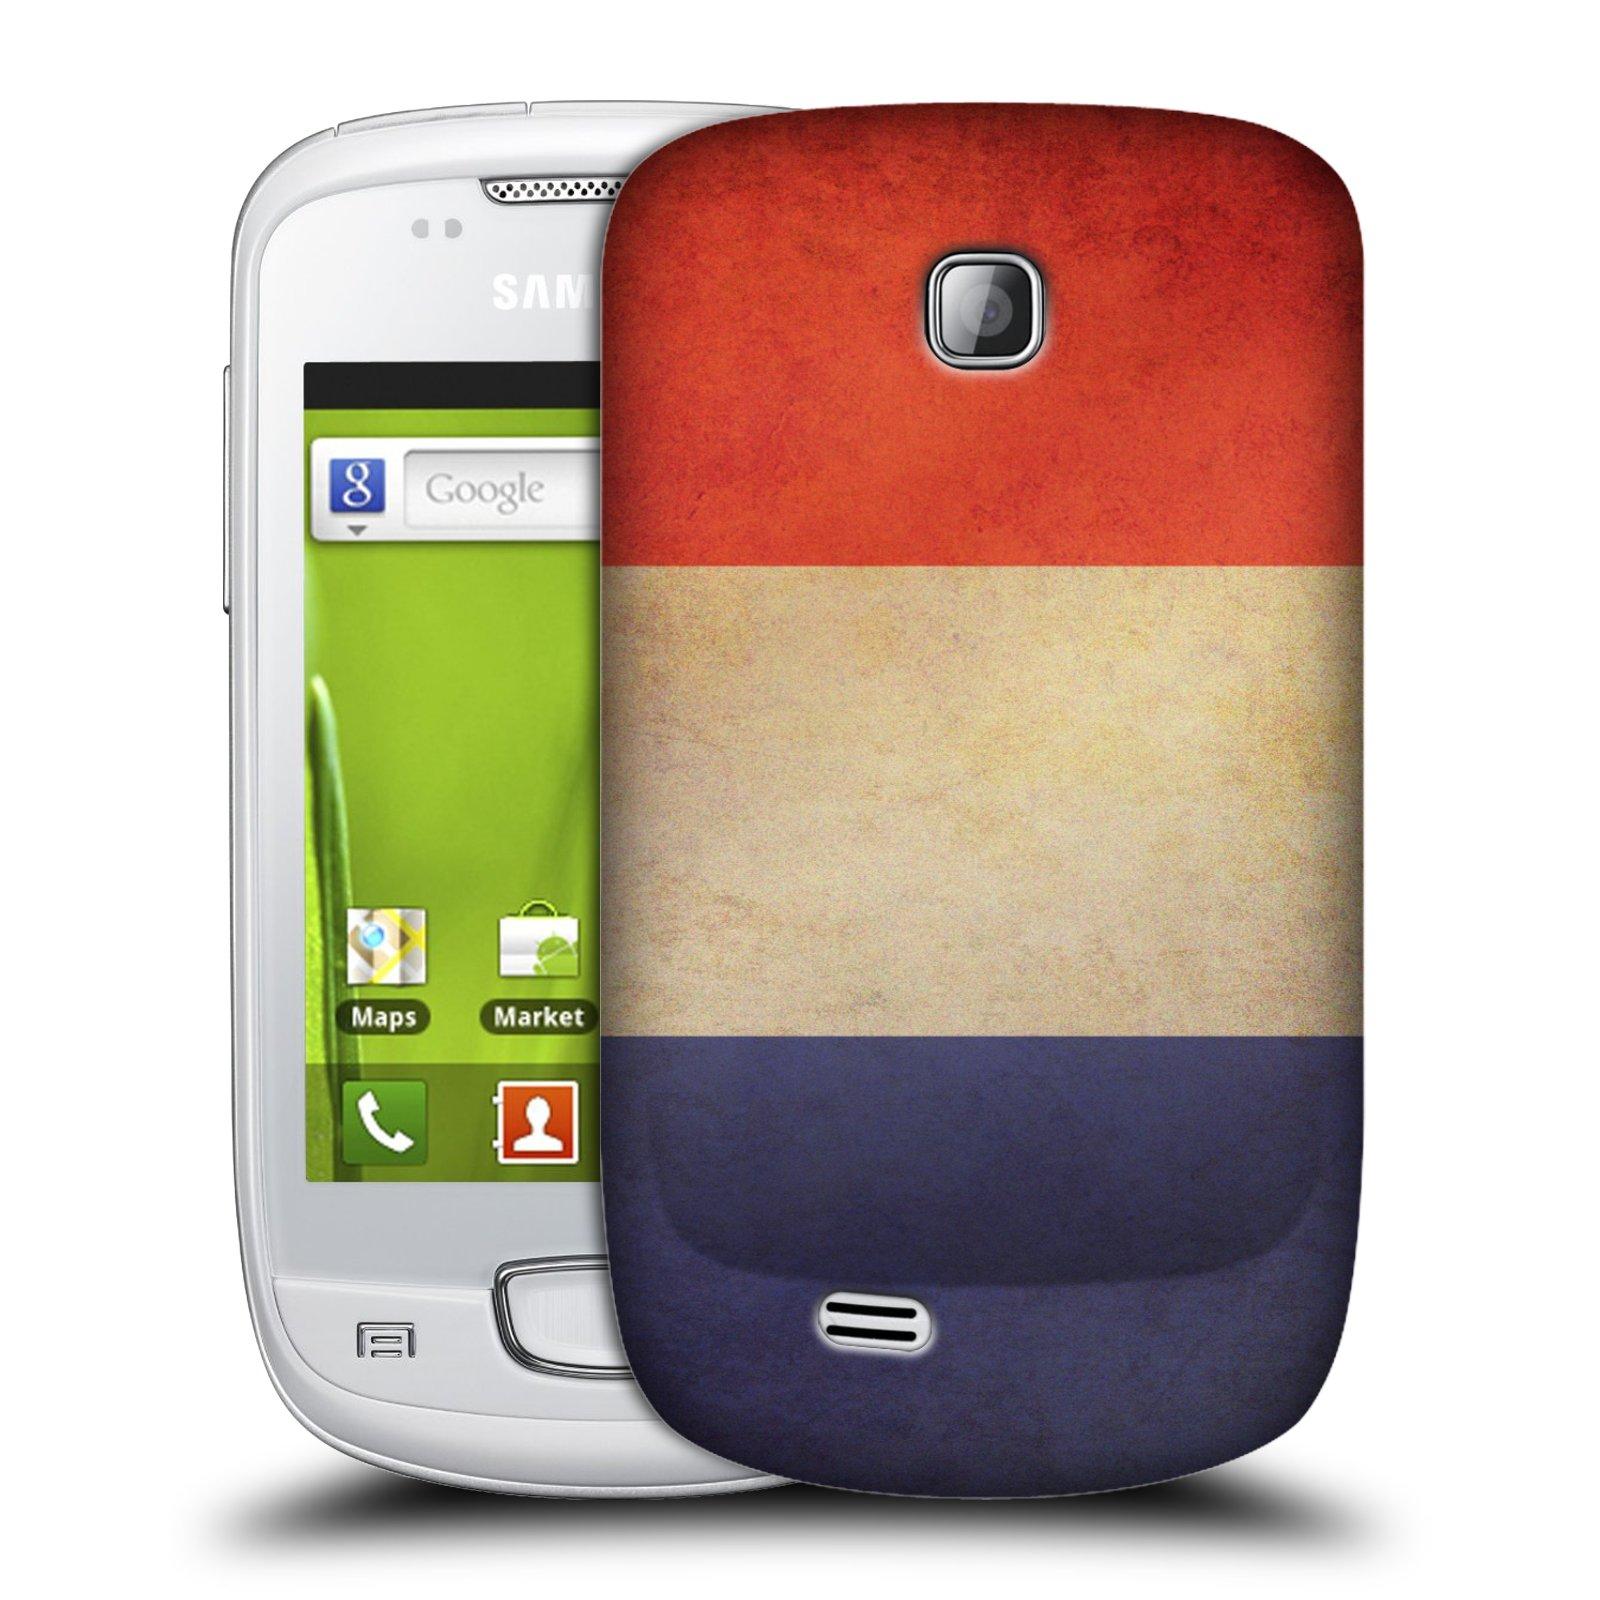 Plastové pouzdro na mobil Samsung Galaxy Mini HEAD CASE VLAJKA FRANCIE (Kryt či obal na mobilní telefon Samsung Galaxy Mini GT-S5570 / GT-S5570i)